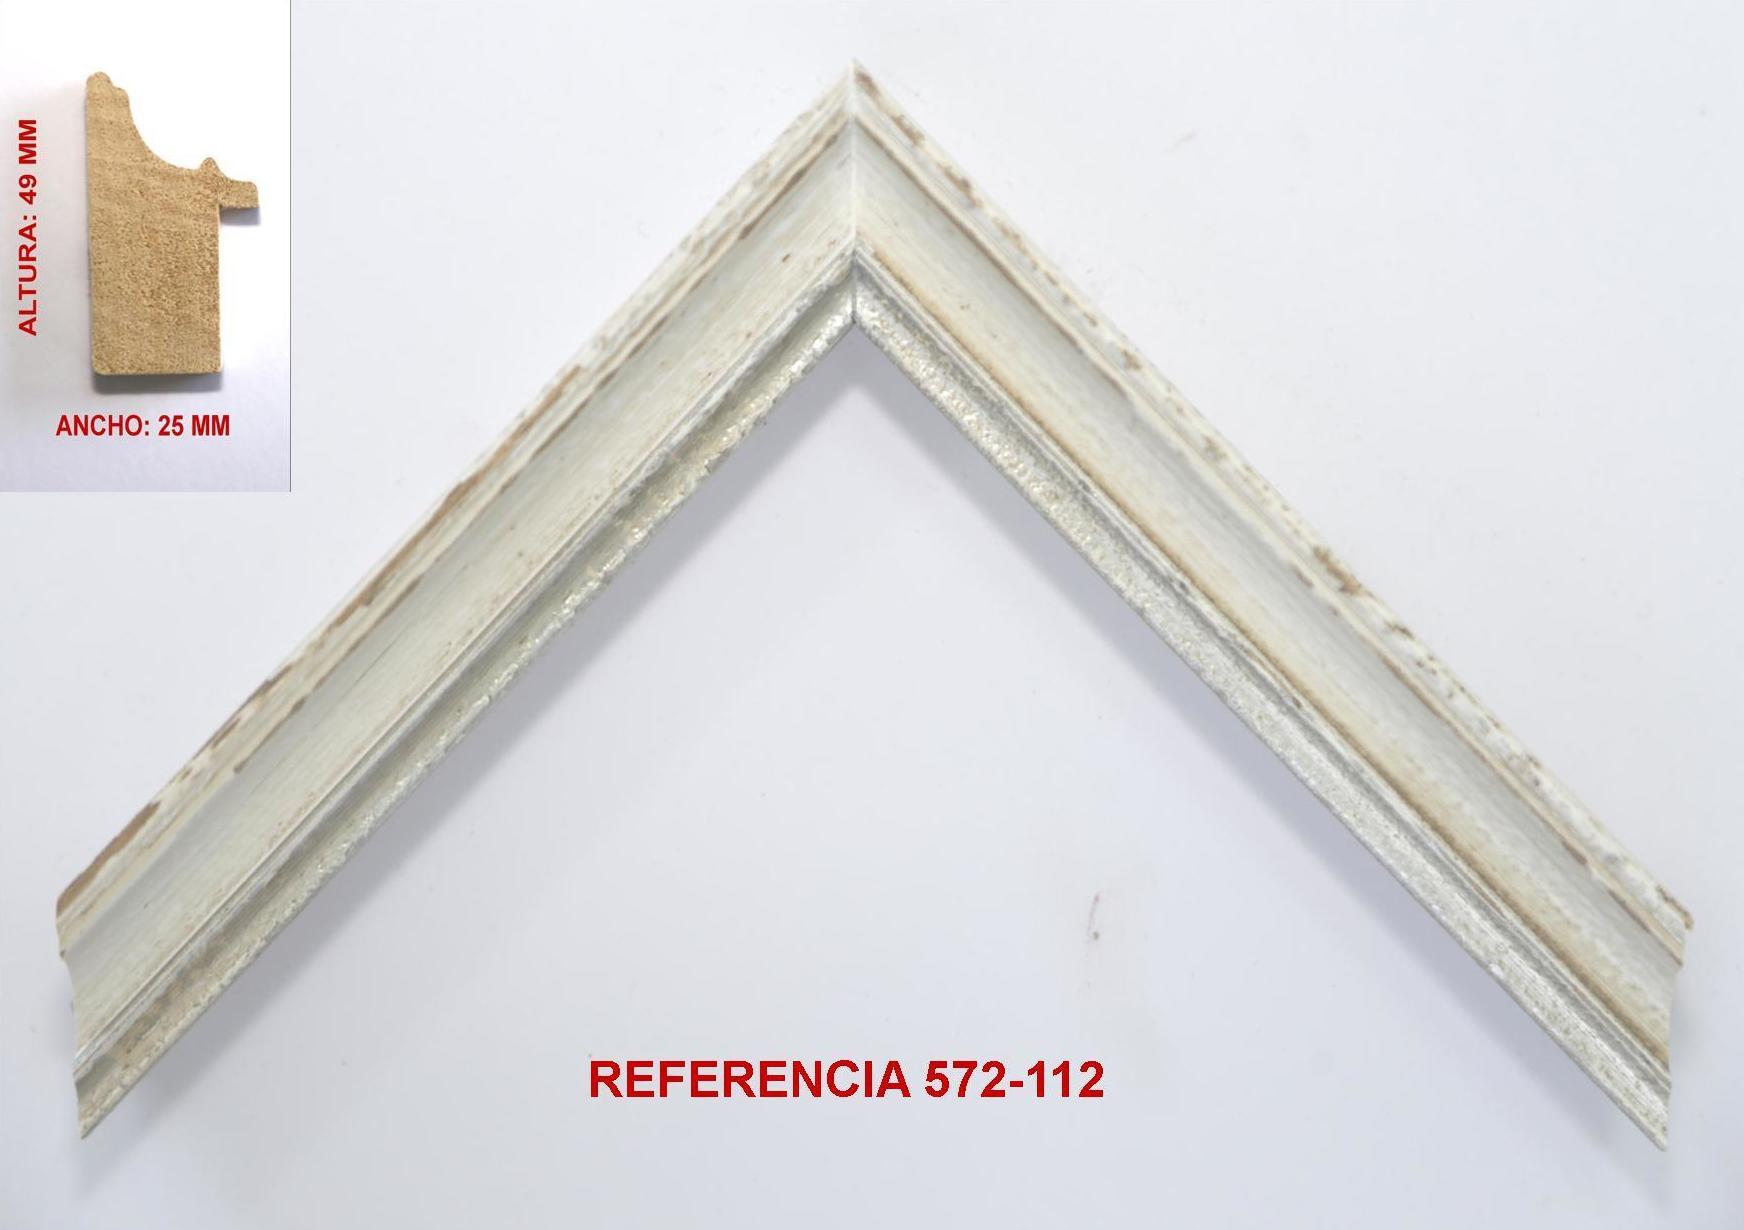 REF 572-112: Muestrario de Moldusevilla